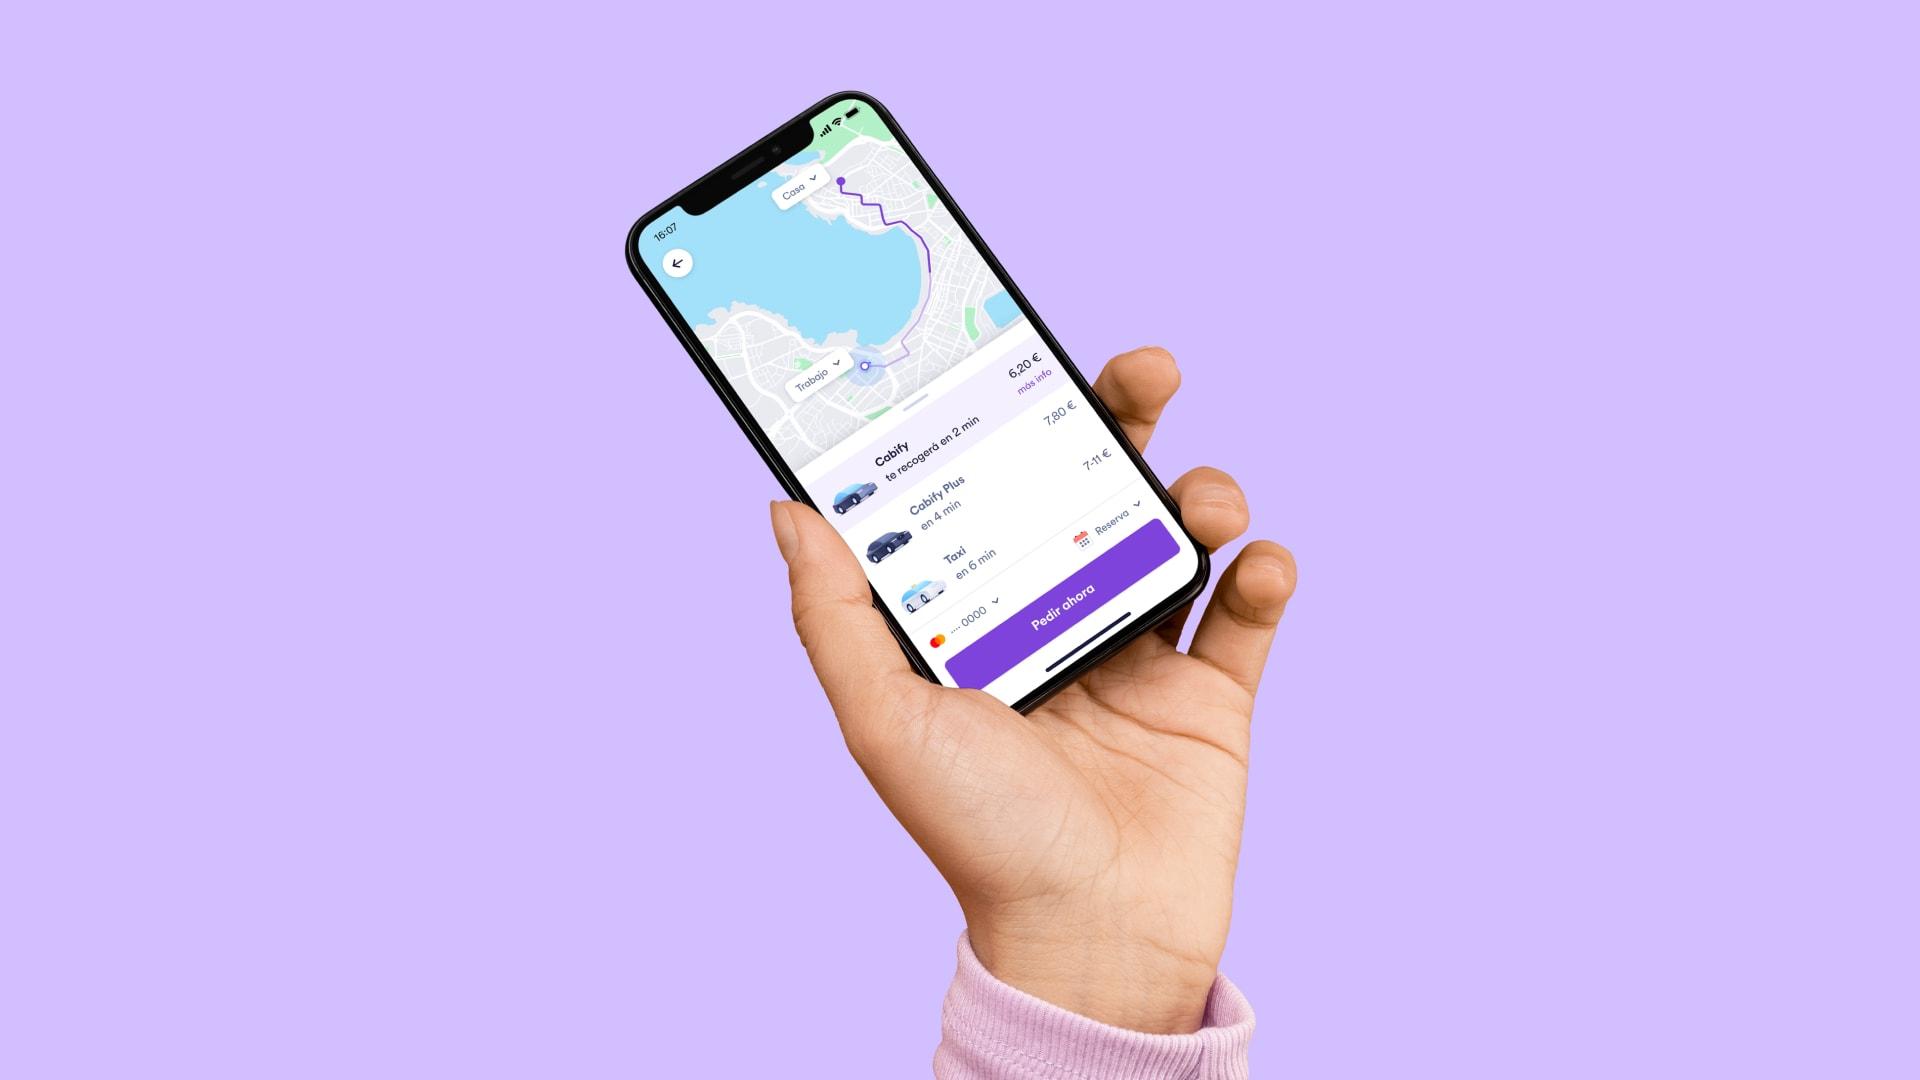 Una mano sostiene un móvil con la app de Cabify